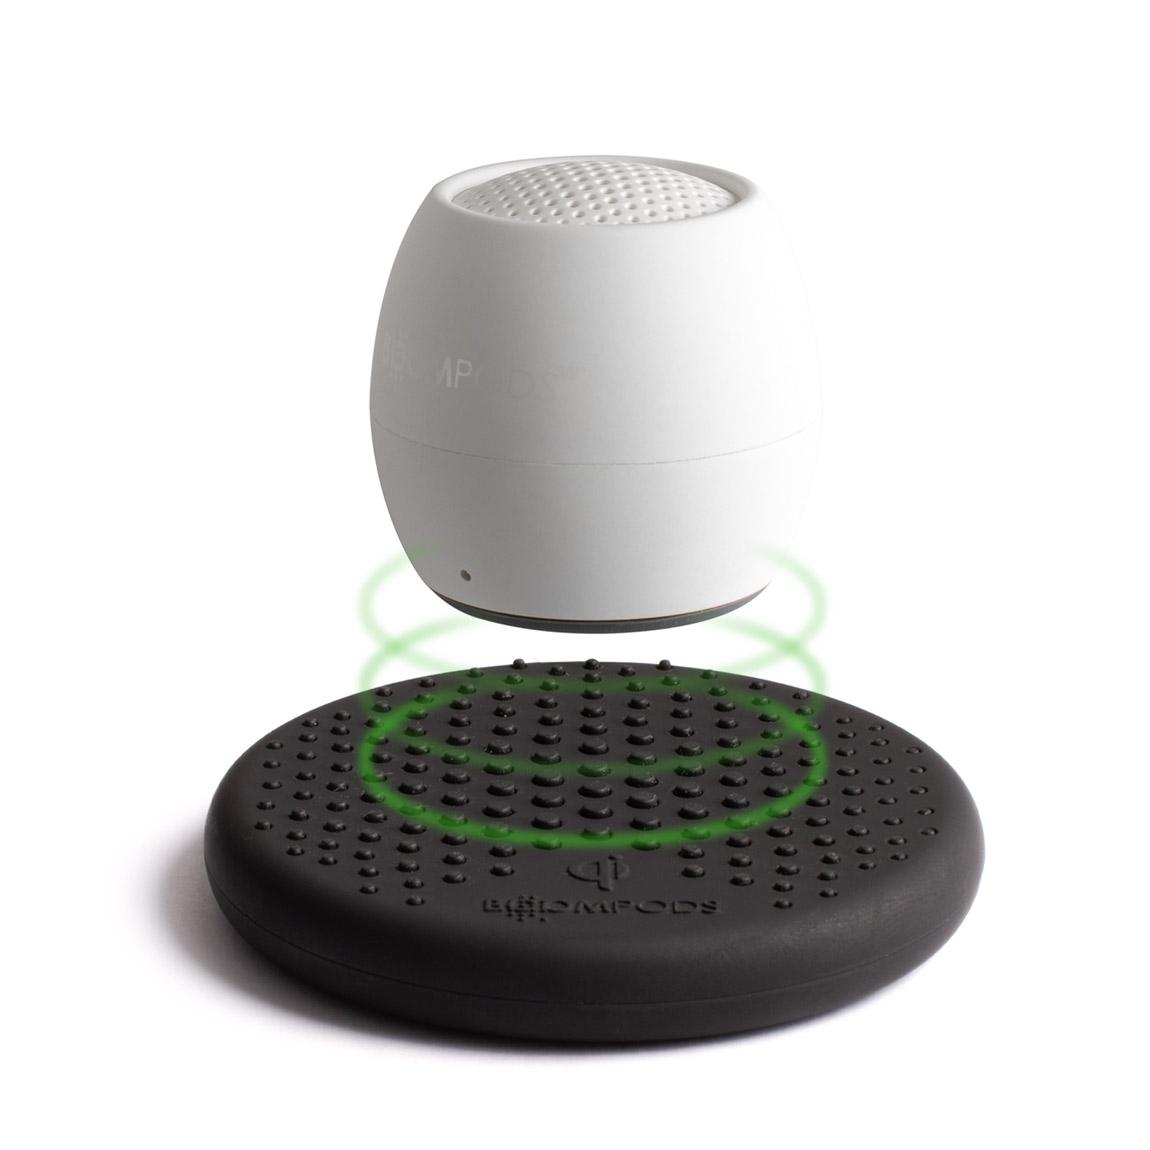 Zero Speaker - the tiny speaker with magic powers